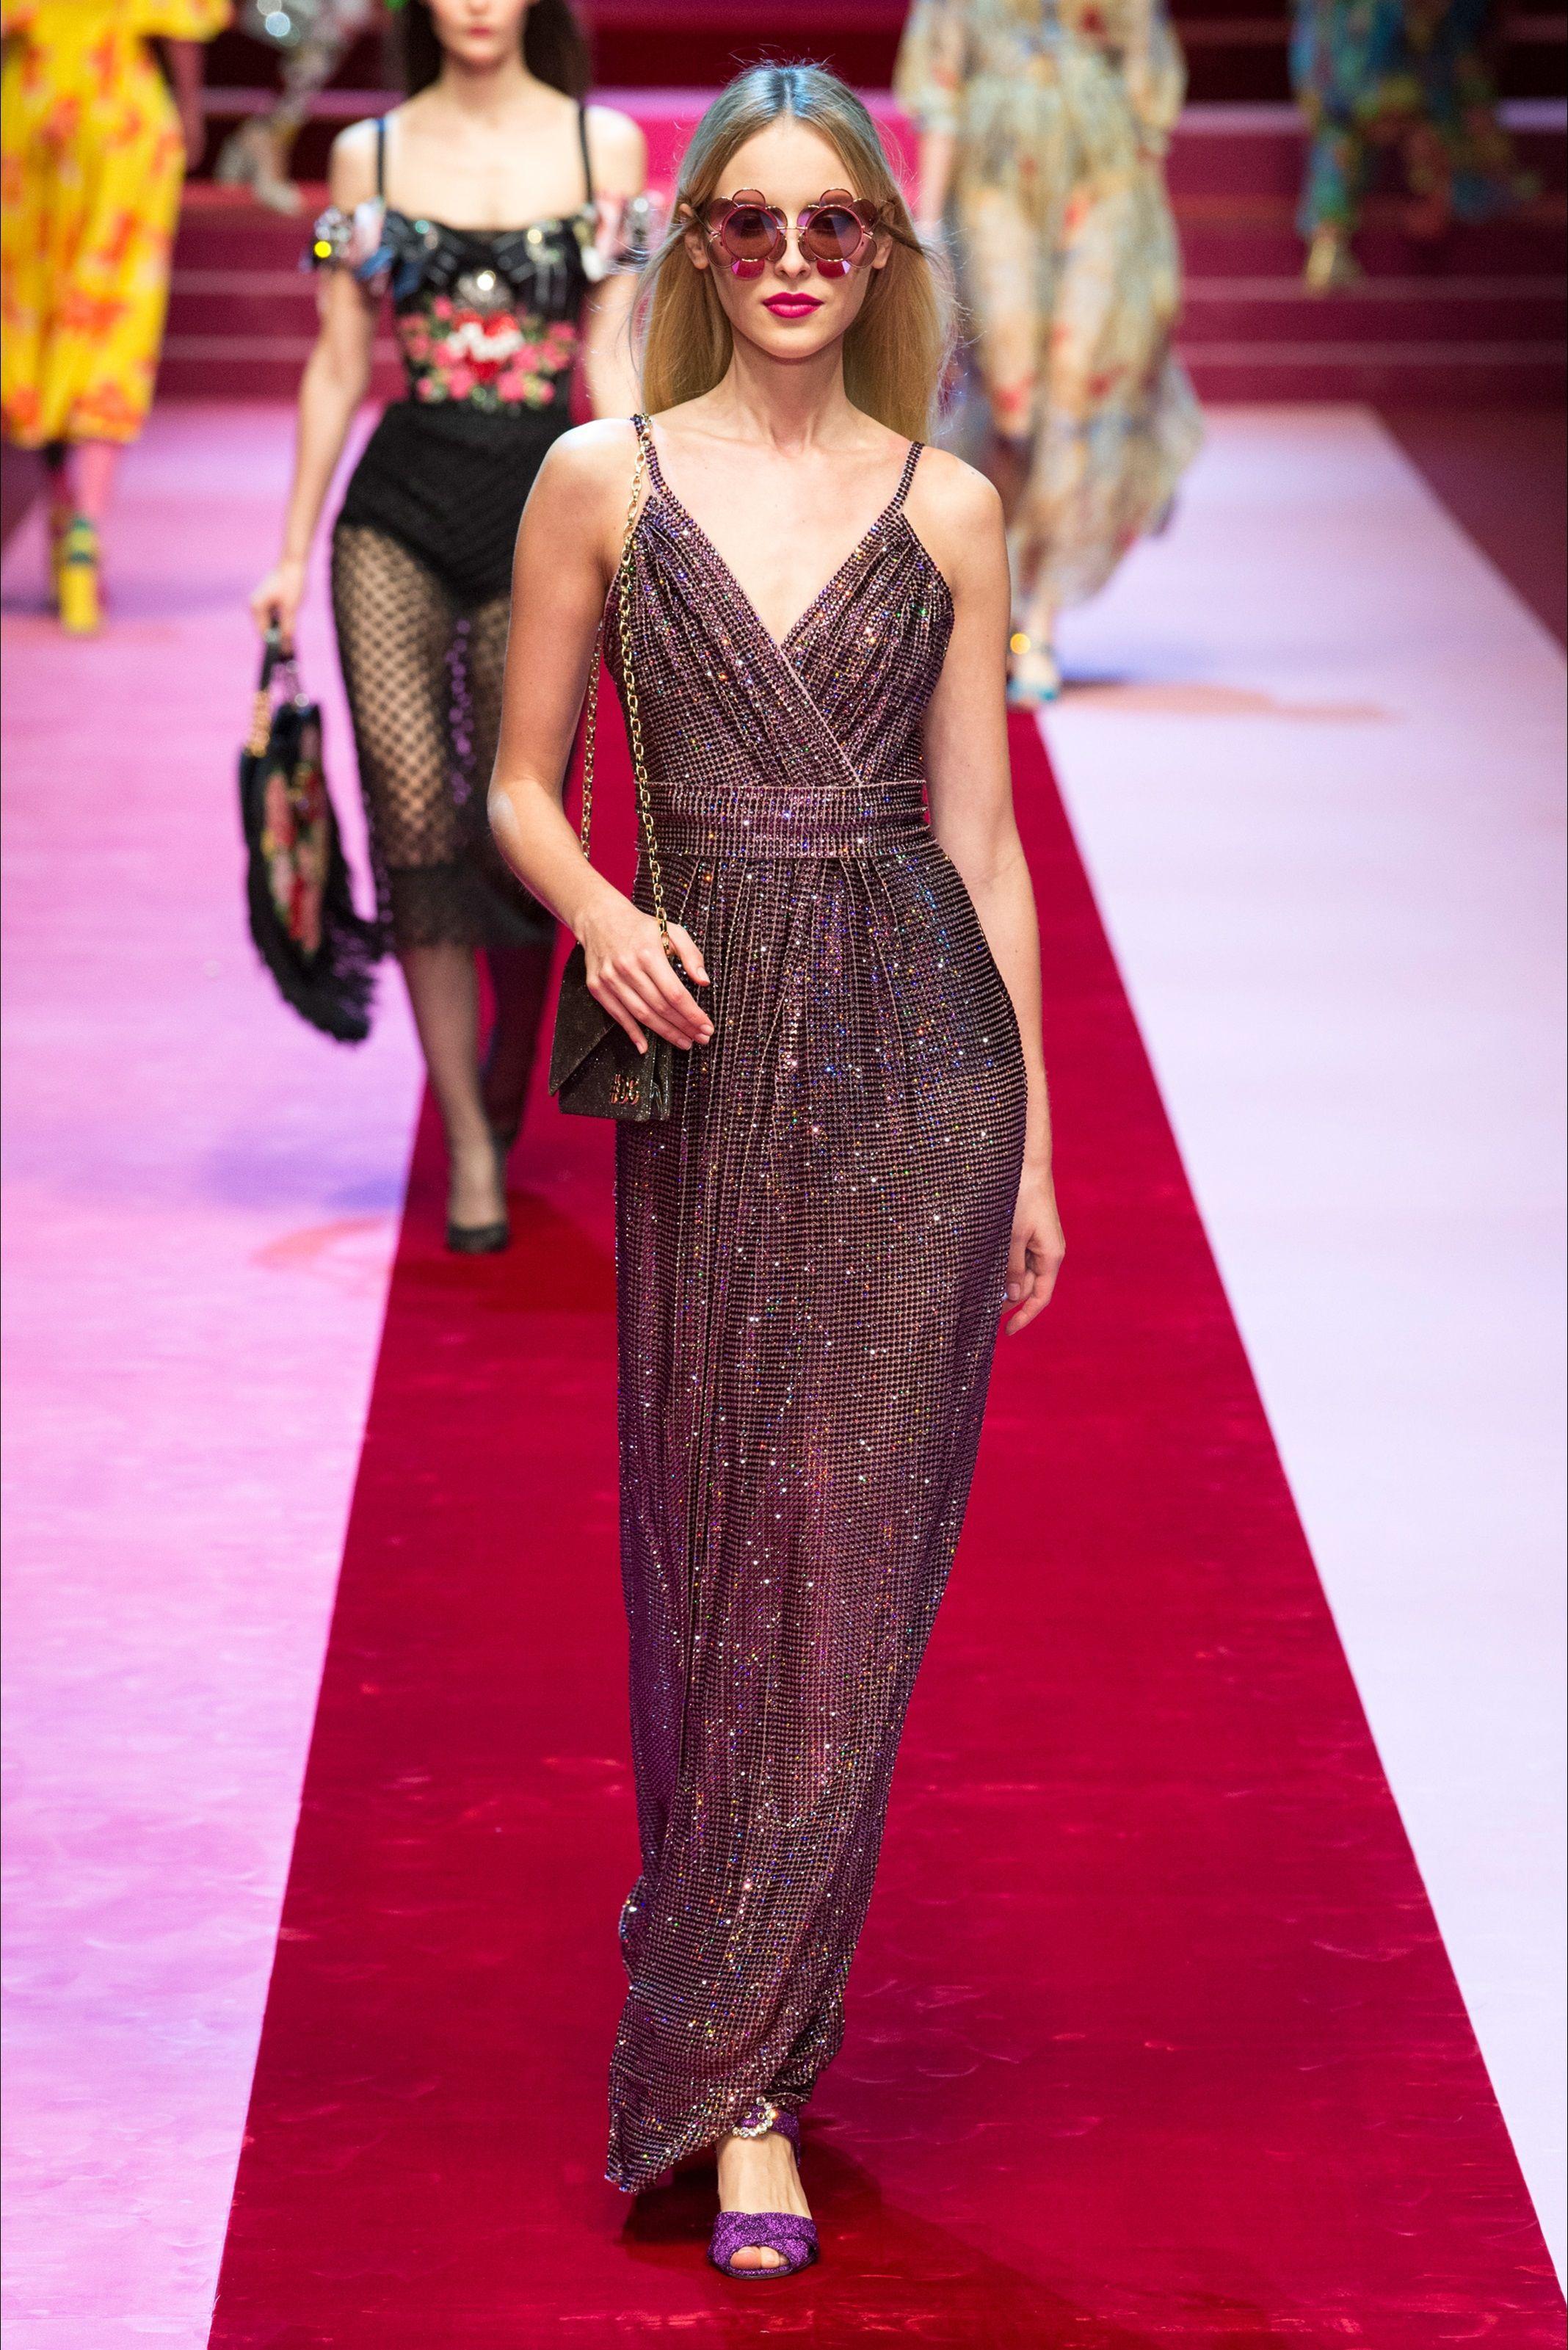 Guarda la sfilata di moda Dolce   Gabbana a Milano e scopri la collezione  di abiti e accessori per la stagione Collezioni Primavera Estate 2018. 70f298c7d90